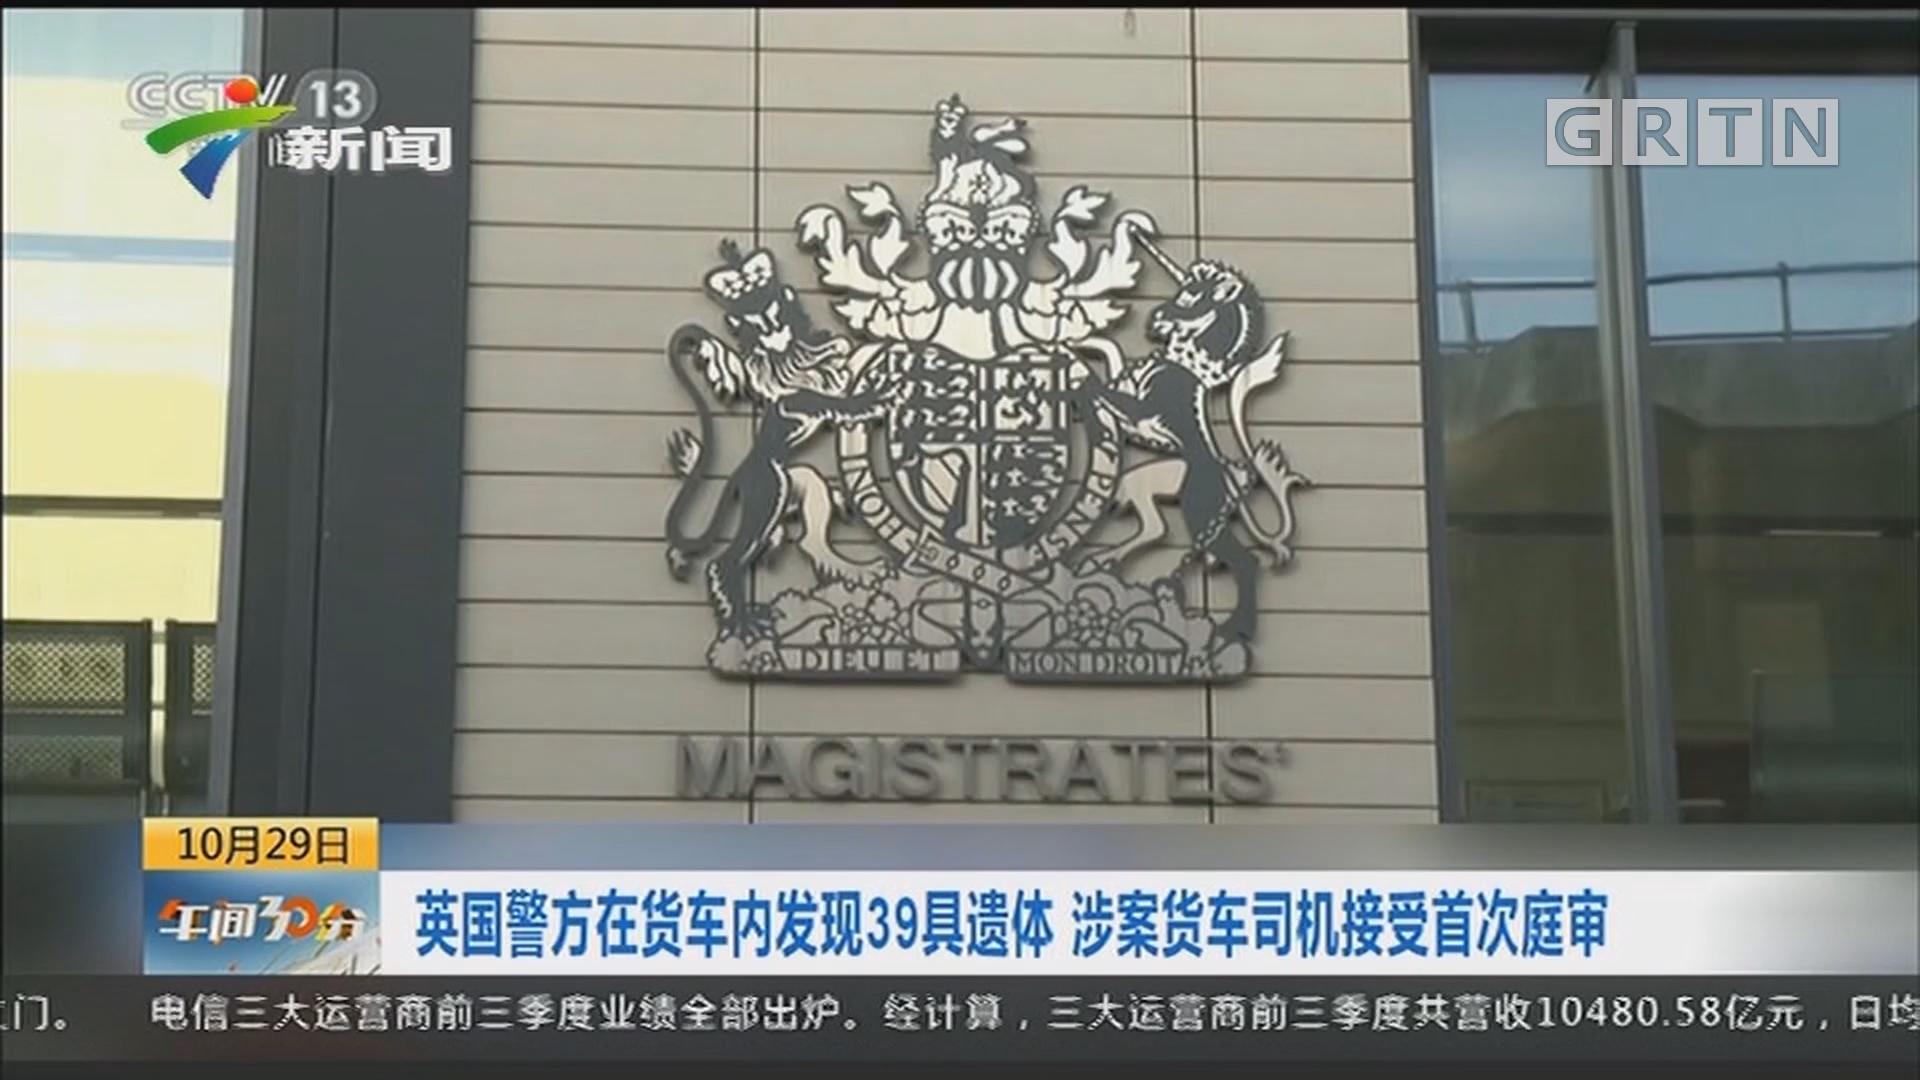 英国警方在货车内发现39具遗体 涉案货车司机接受首次庭审